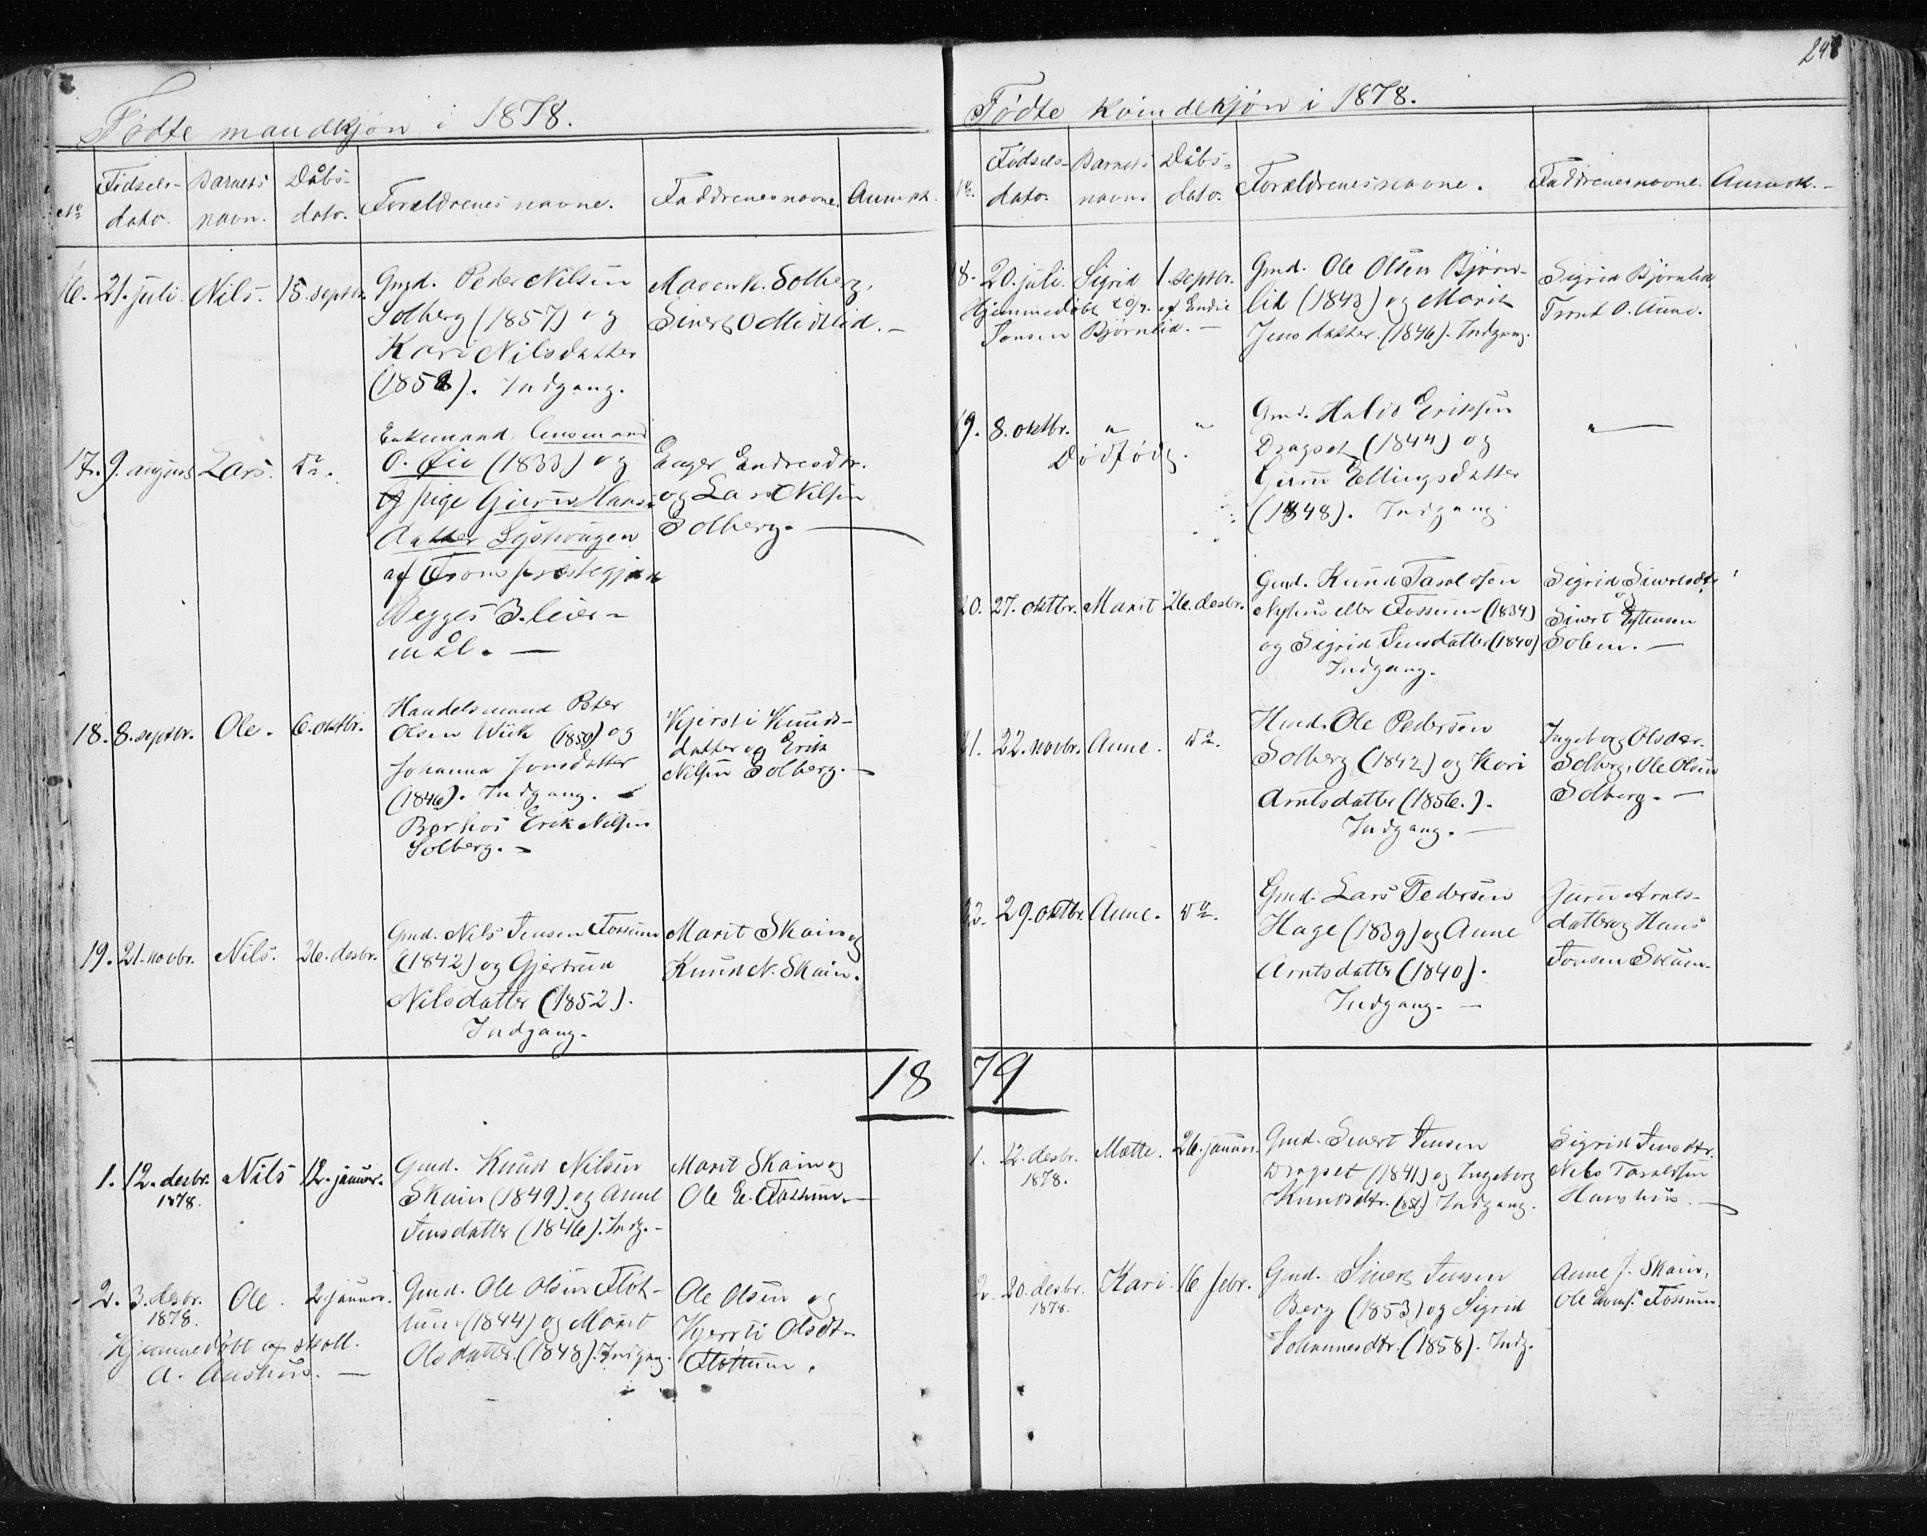 SAT, Ministerialprotokoller, klokkerbøker og fødselsregistre - Sør-Trøndelag, 689/L1043: Klokkerbok nr. 689C02, 1816-1892, s. 247